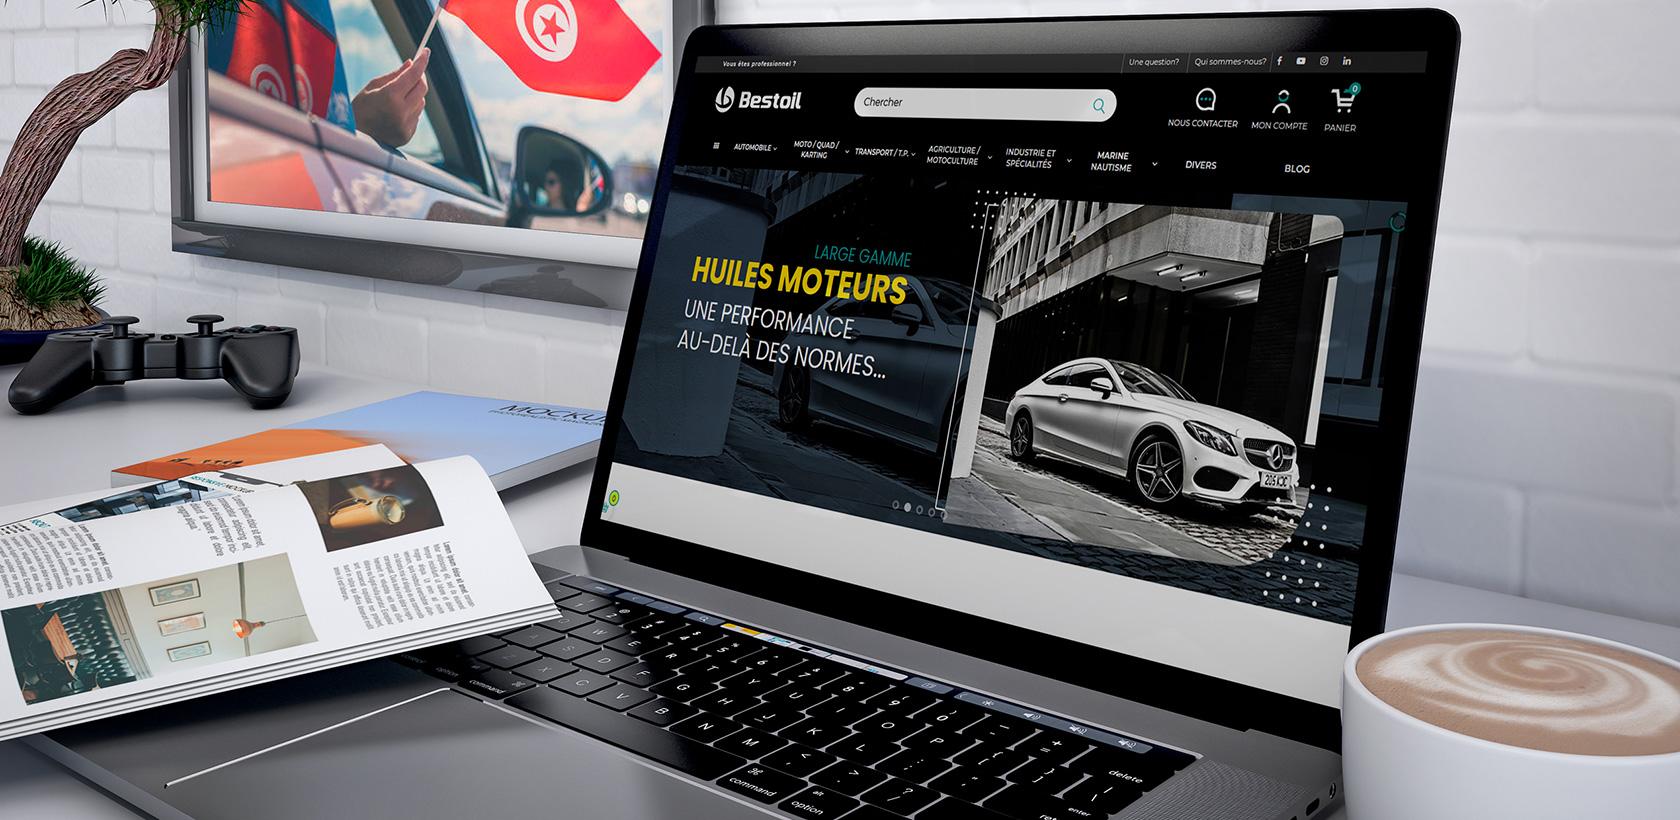 Bestoil.tn, une boutique en ligne spécilaisée dans vente de